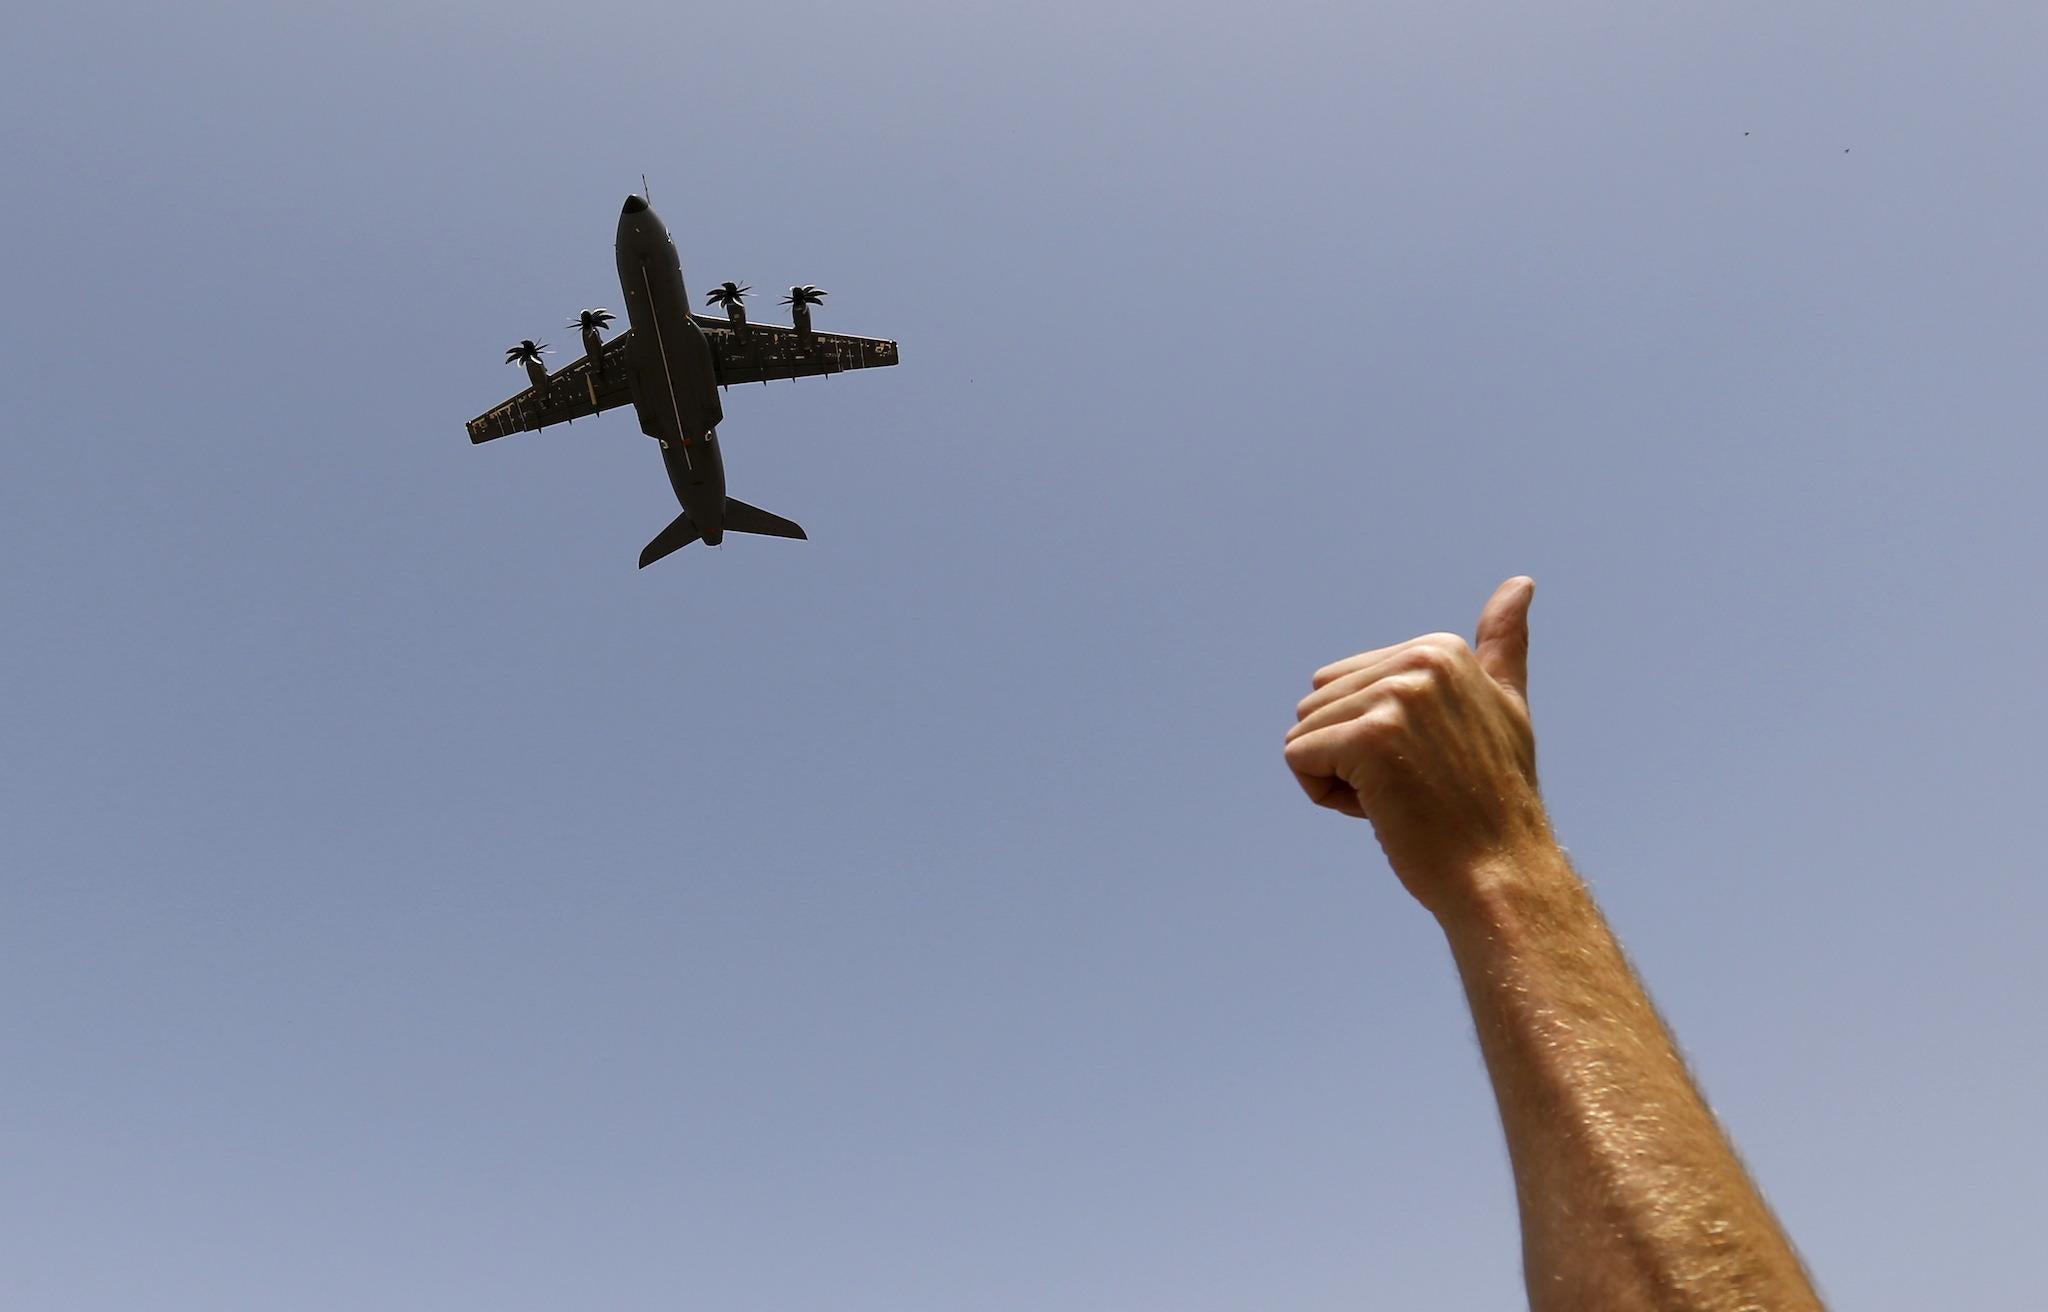 Facebook plane reaction arrives – but it is a secret that